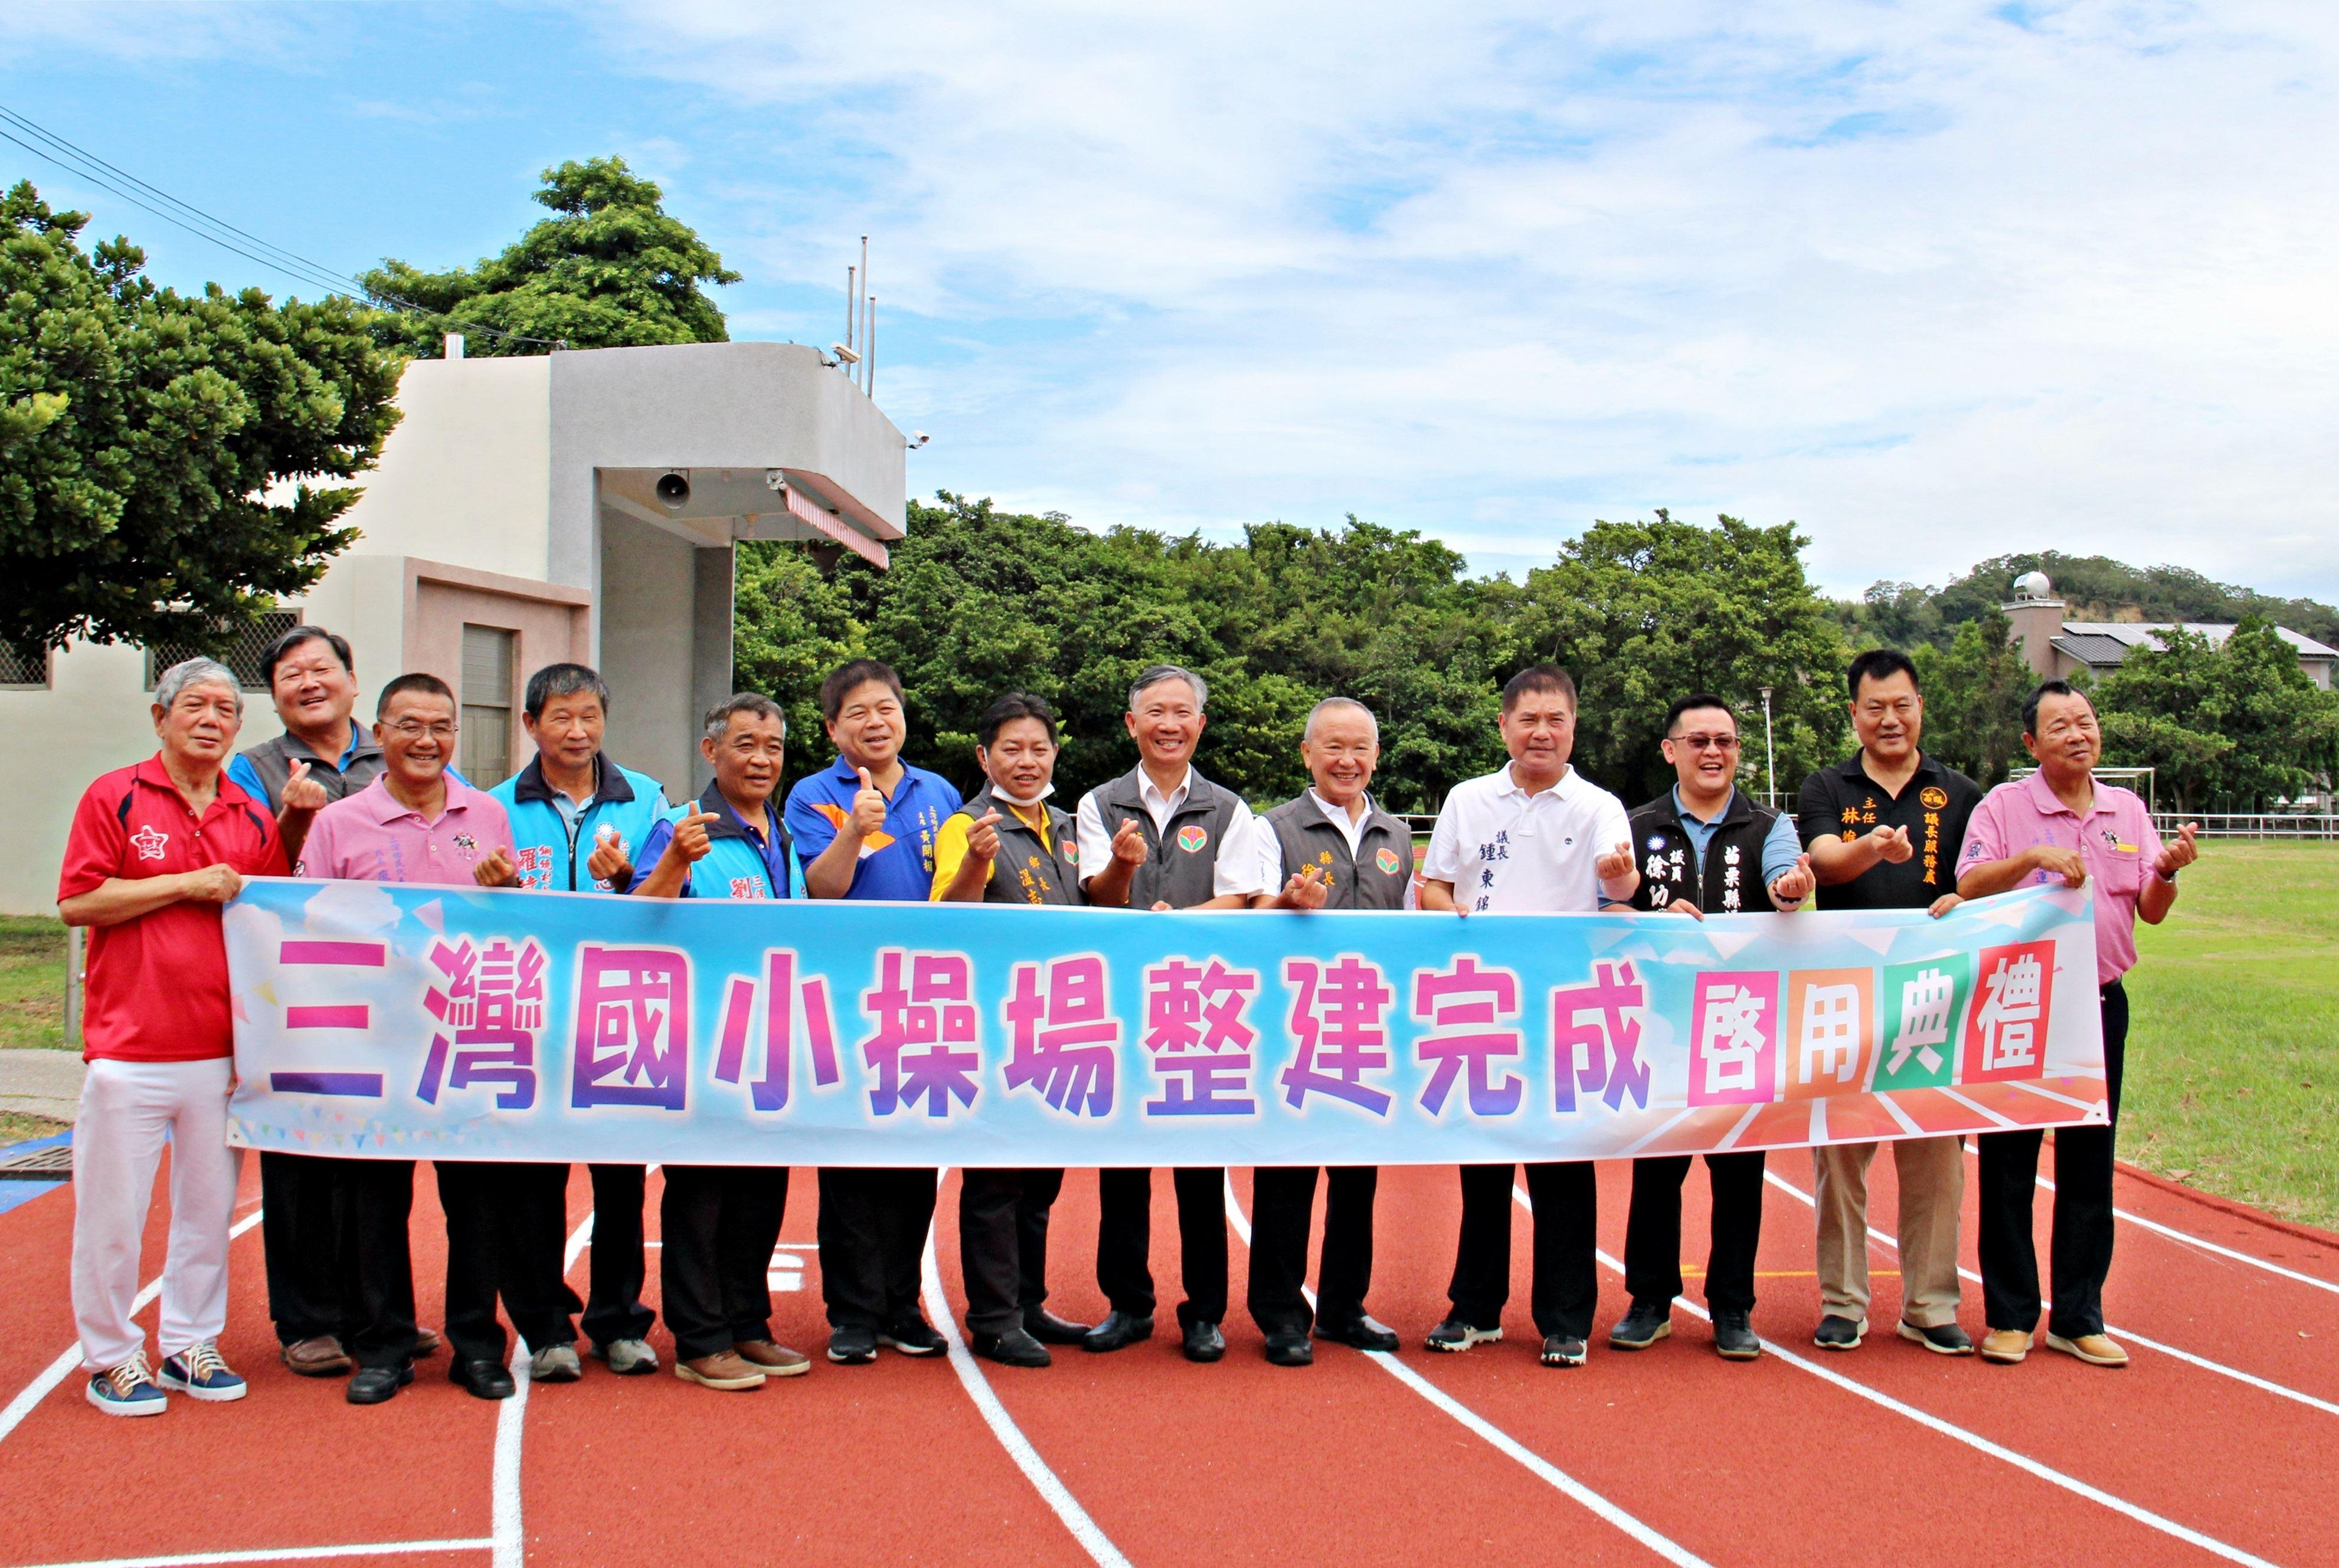 三灣國小操場整建完成啟用 嶄新設施迎開學